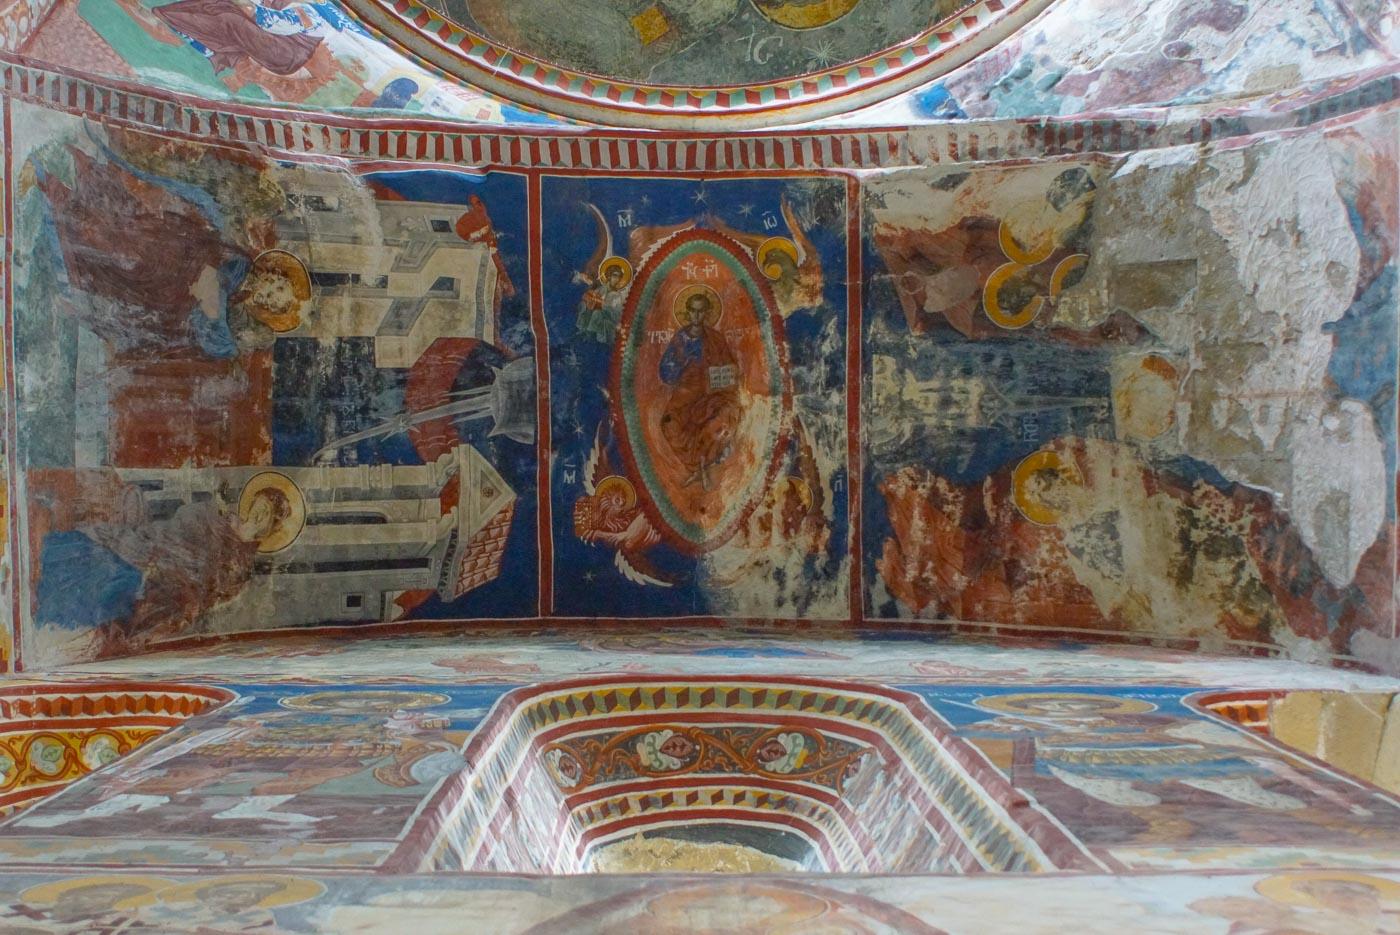 Zu sehen ist eine Deckenmalerei, die über 800 Jahre alt ist, in den Innenräumen des Gelati Klosters.